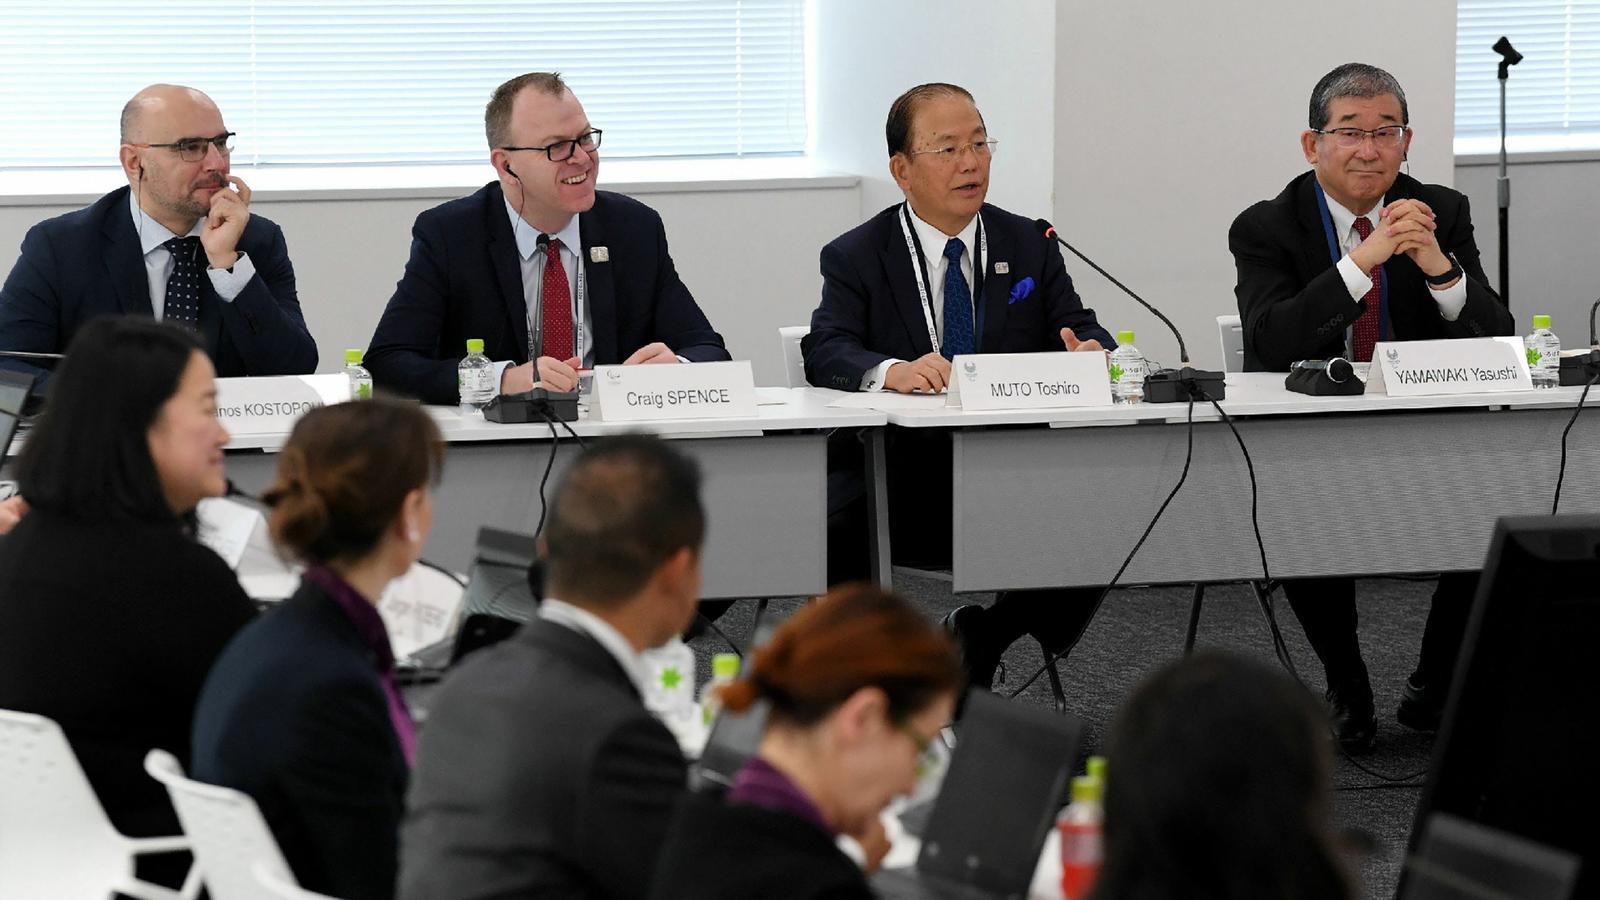 Tòquio 2020 crea un grup de treball per prevenir els Jocs Olímpcis del coronavirus